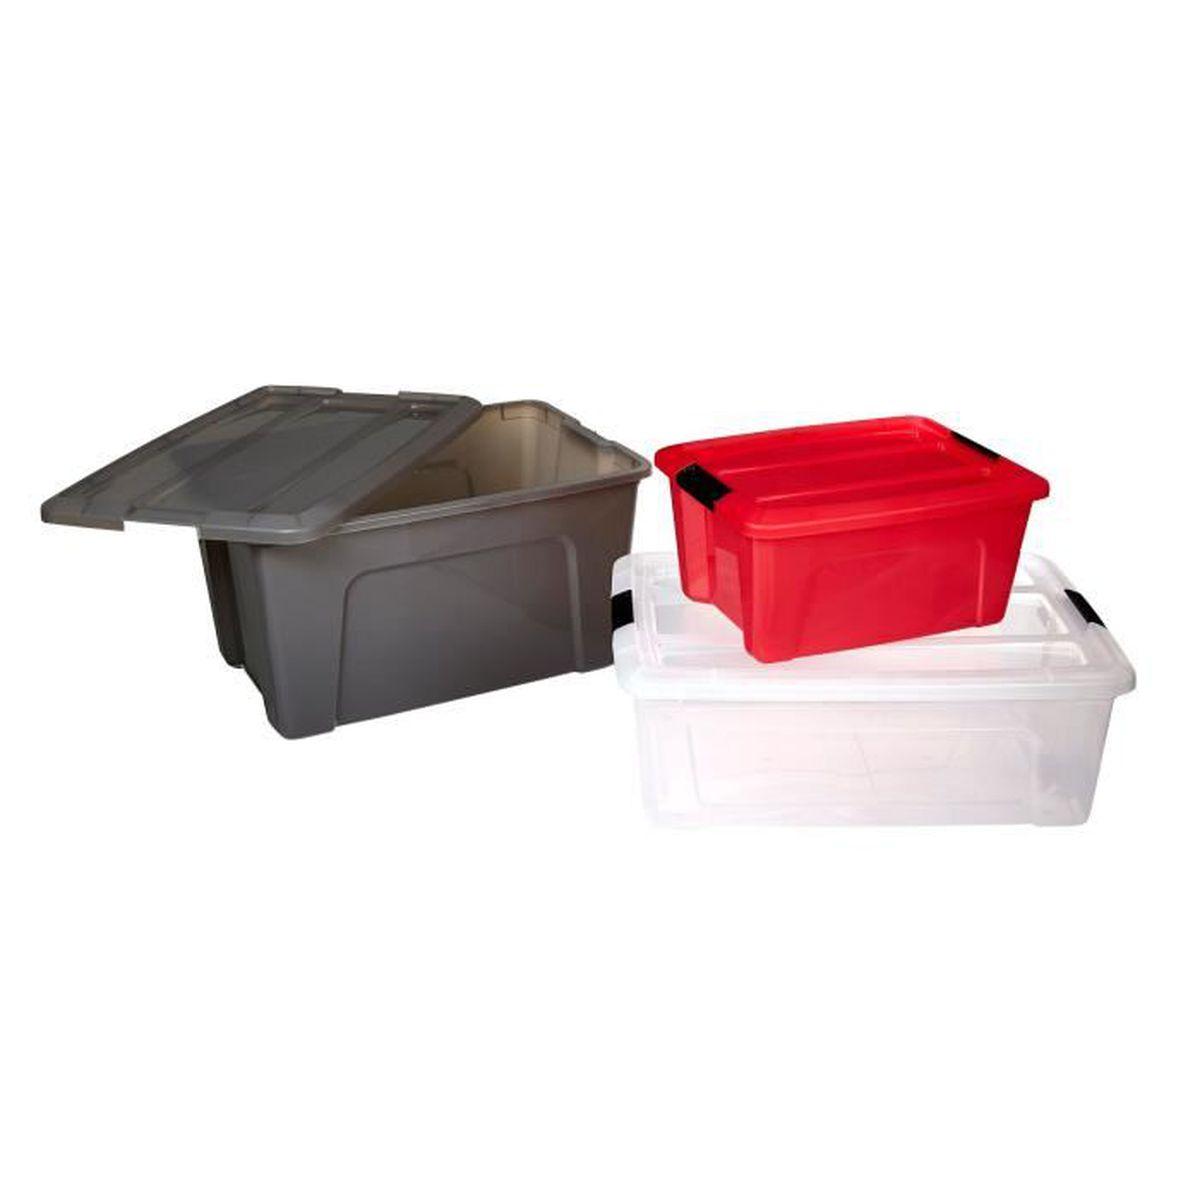 new top boite transparente en plastique avec couvercle 15l achat vente boite de rangement. Black Bedroom Furniture Sets. Home Design Ideas